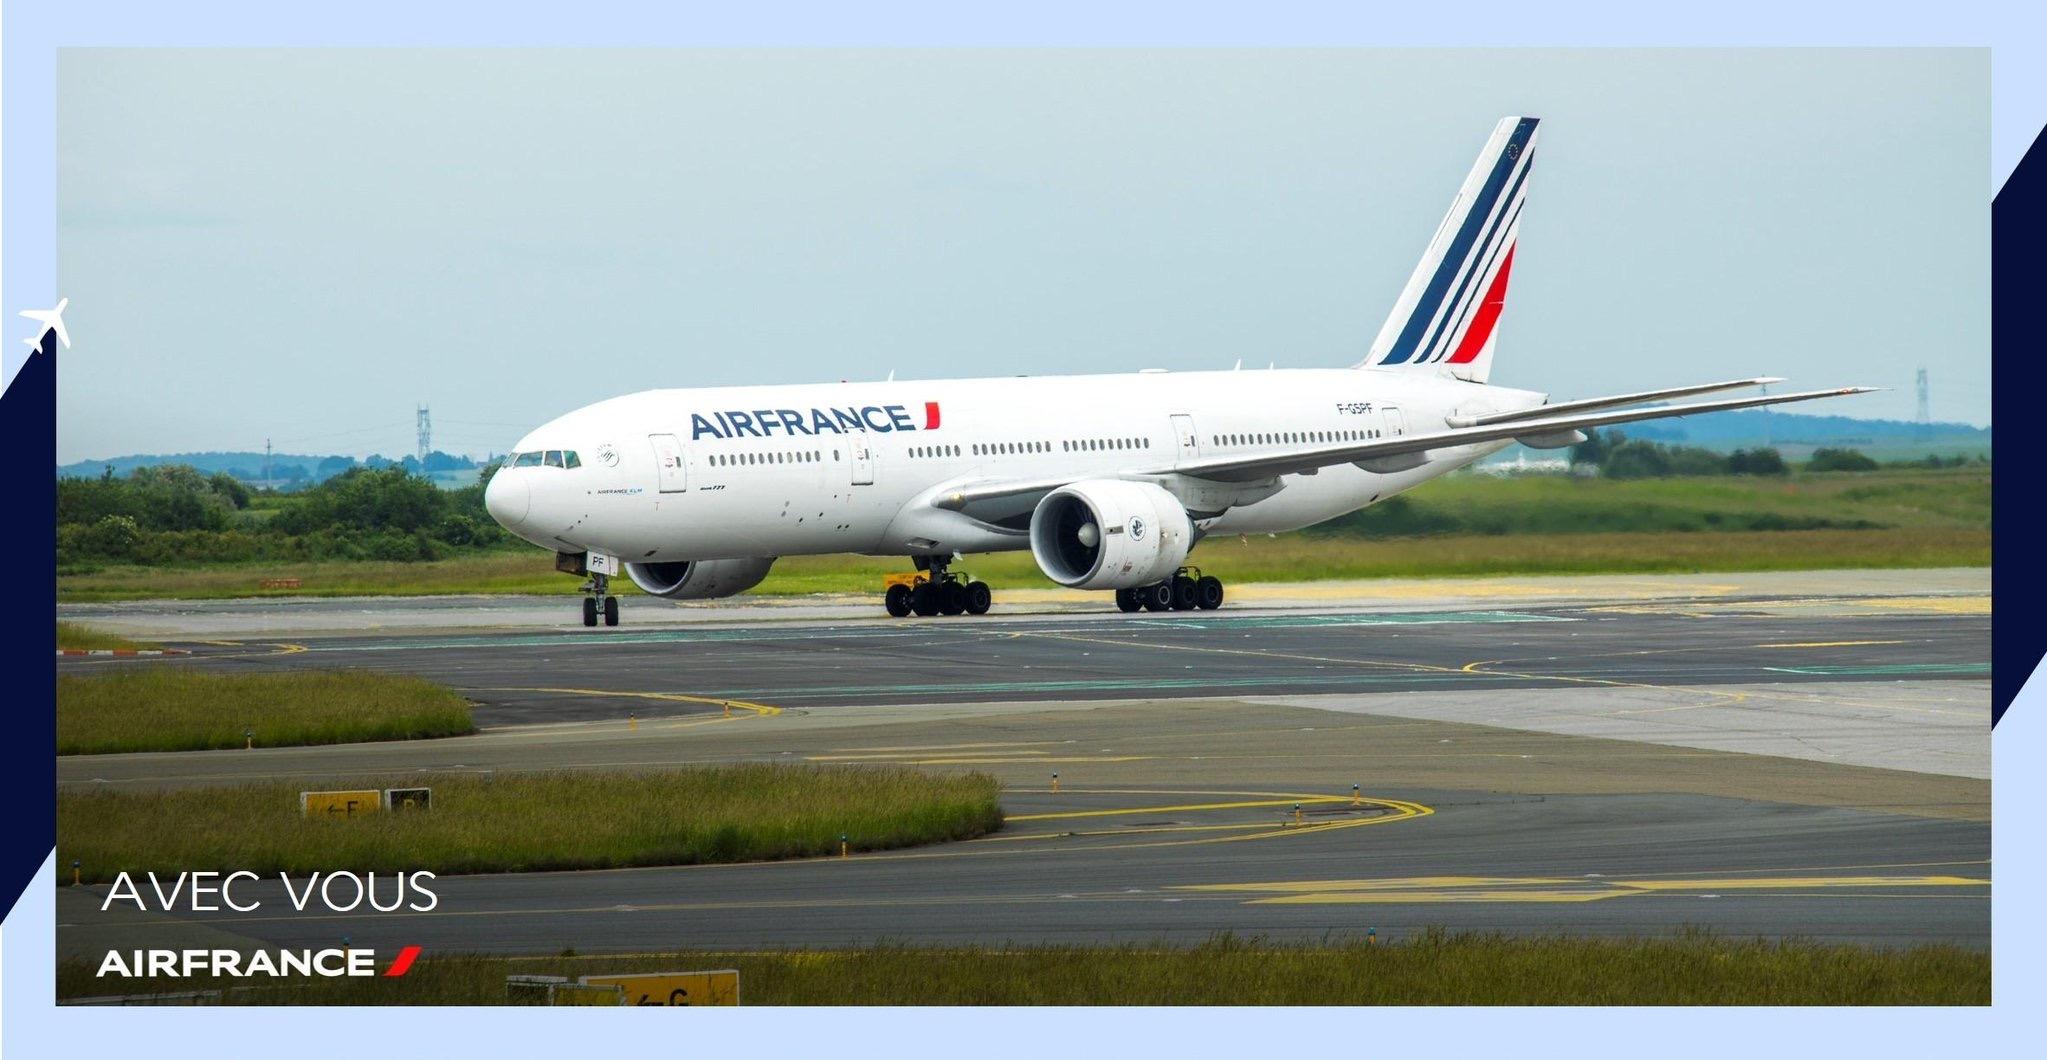 法国经济部长:政府向法国航空公司提供70亿欧元担保贷款